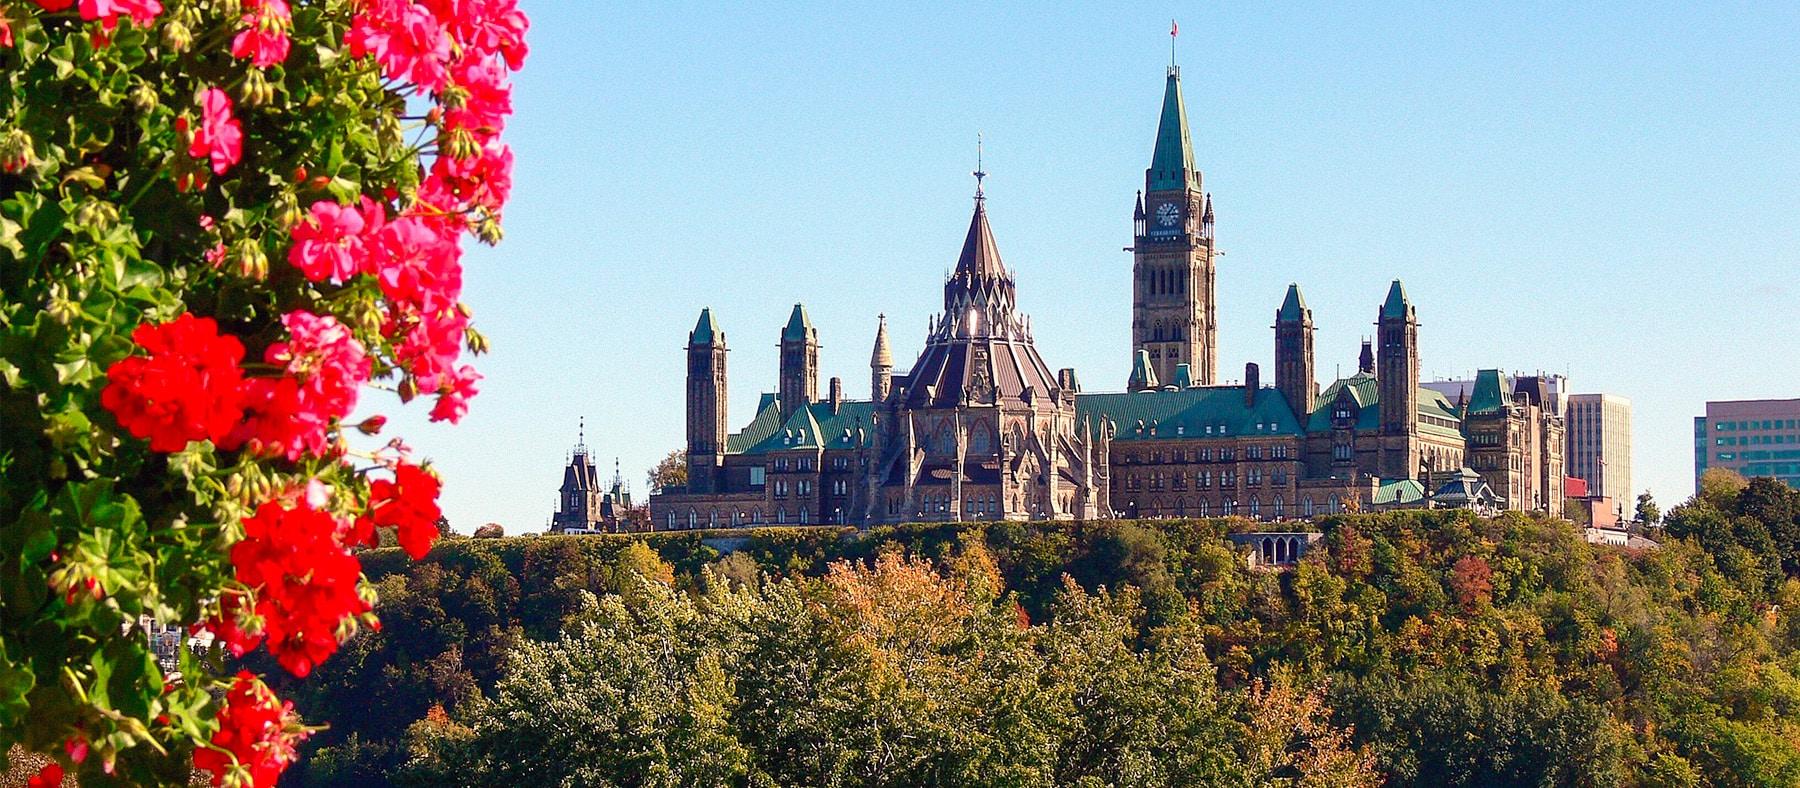 sur-la-route-des-explorateurs-siel-canada-parlement-canadien-ottawa-quebec-le-mag